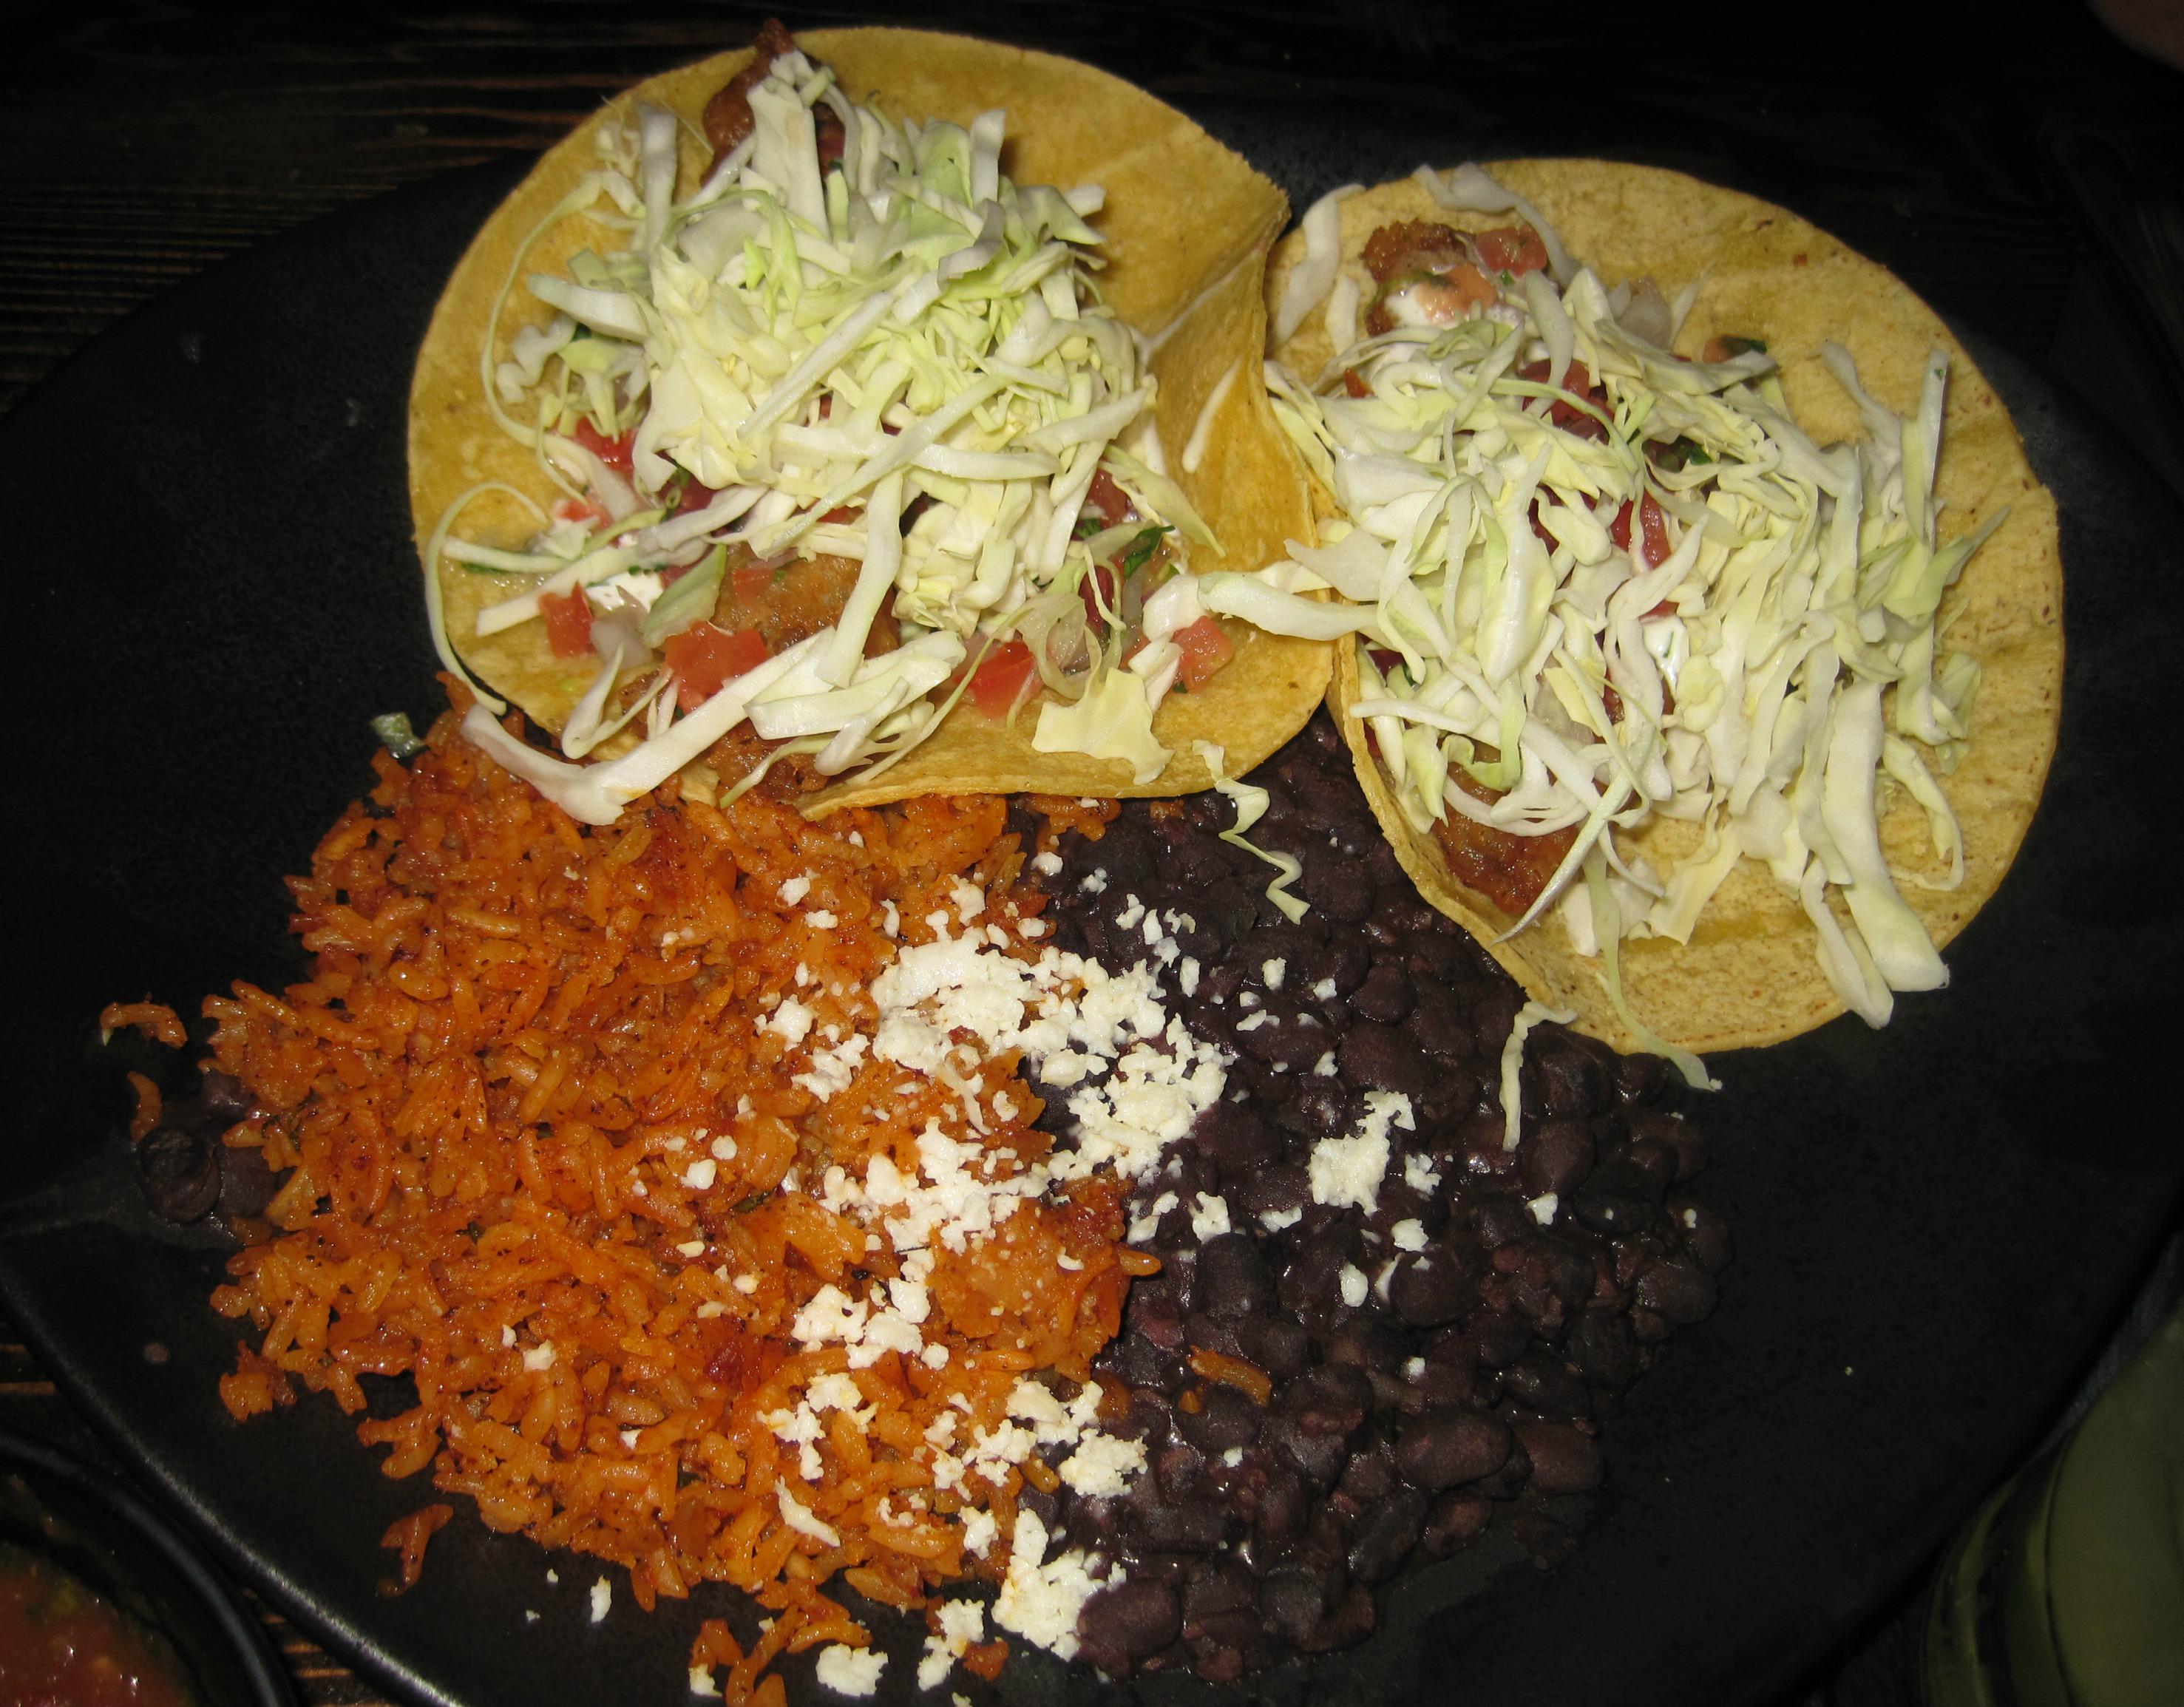 sol cocina fish taco plate